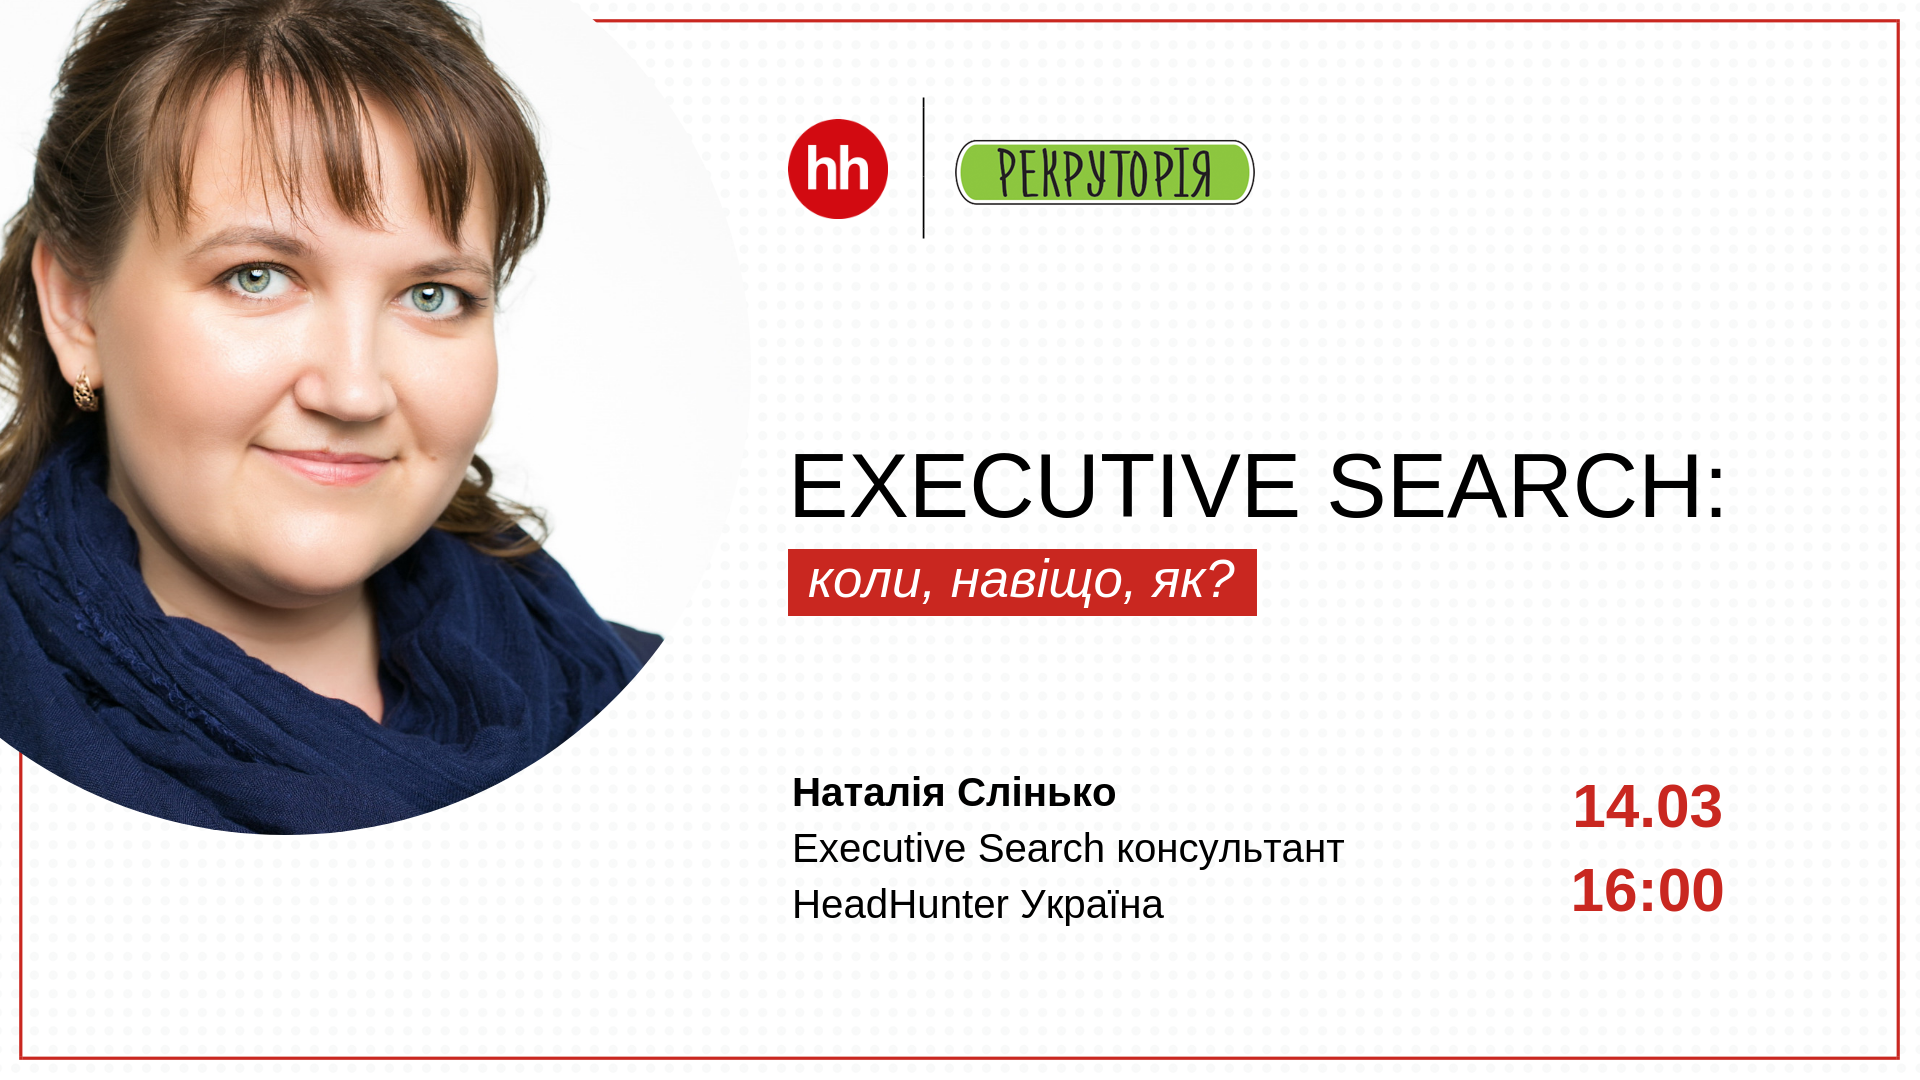 Вебінар «Executive Search: коли, навіщо, як?» – 14.03.2019